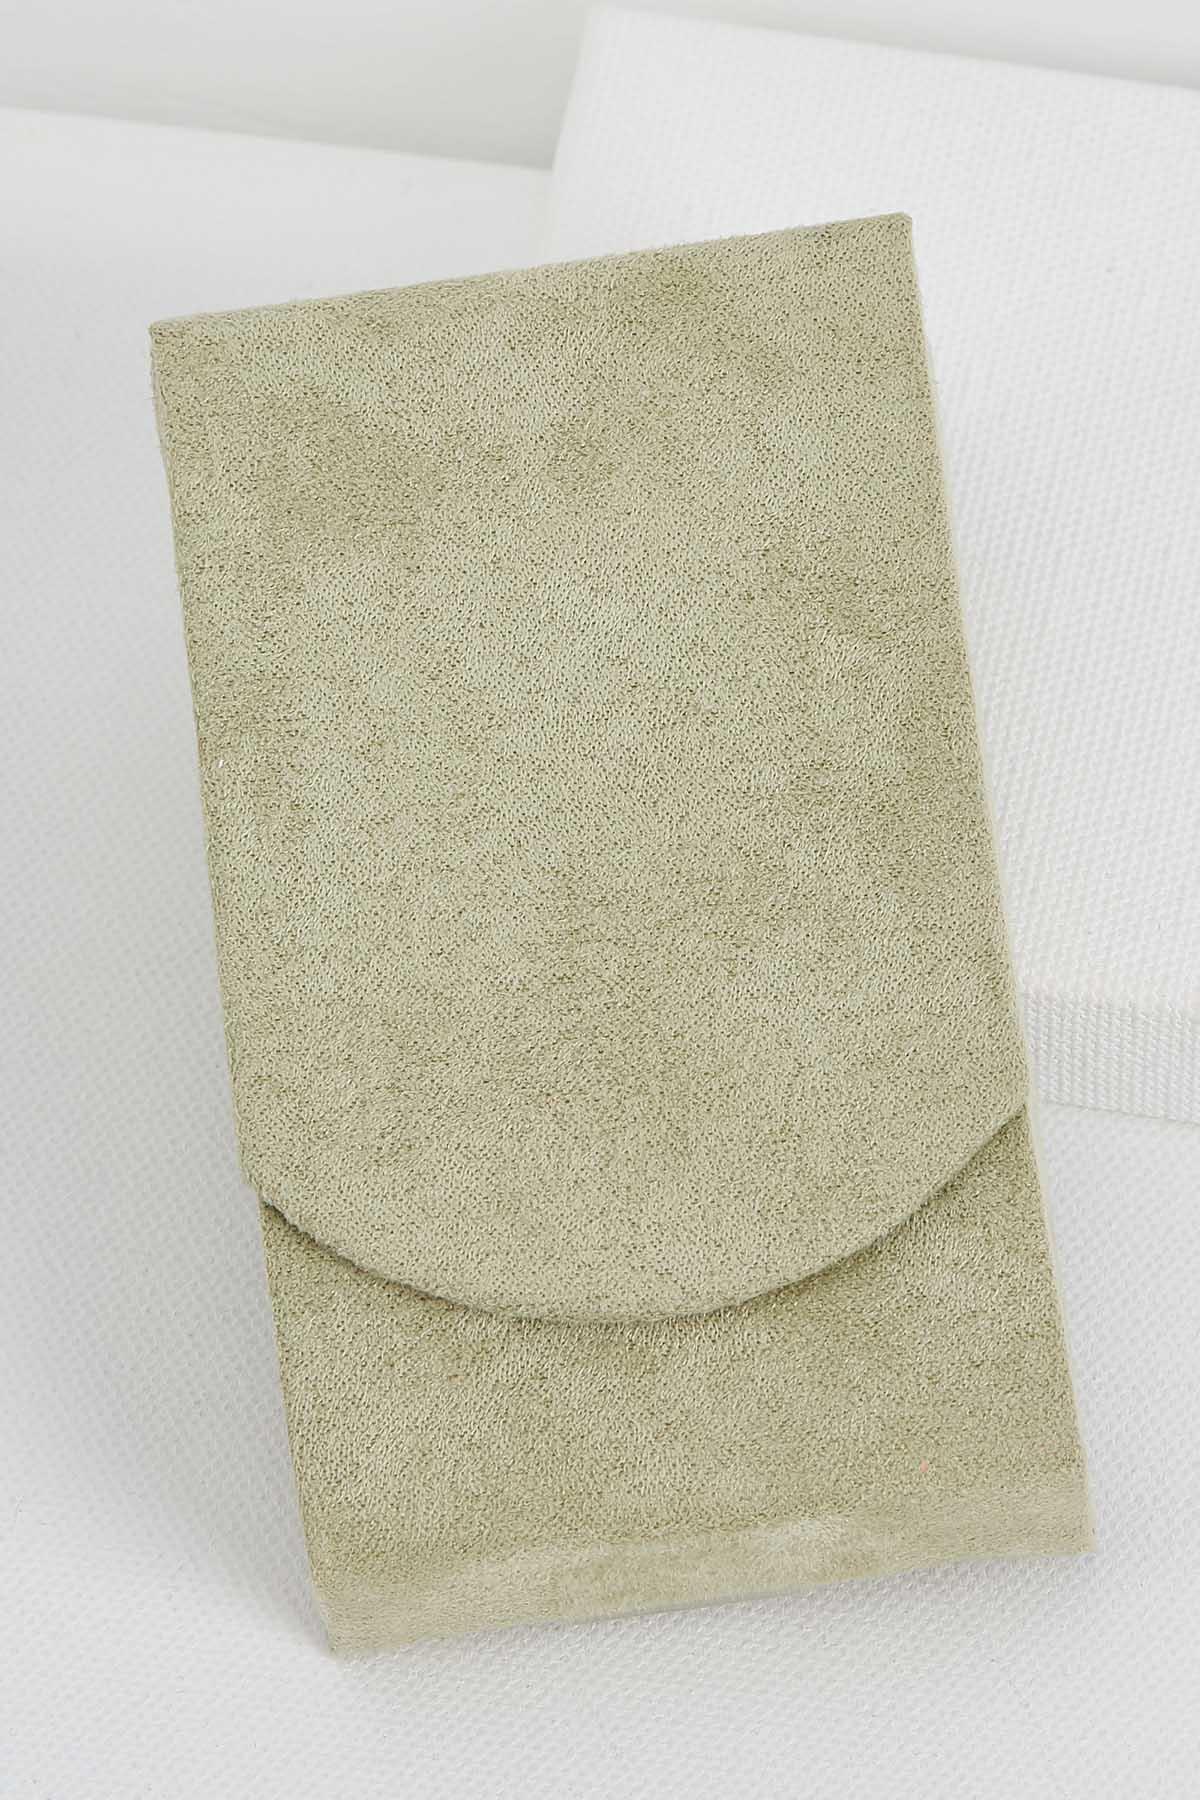 Faux Suede Sage Tissue Holder